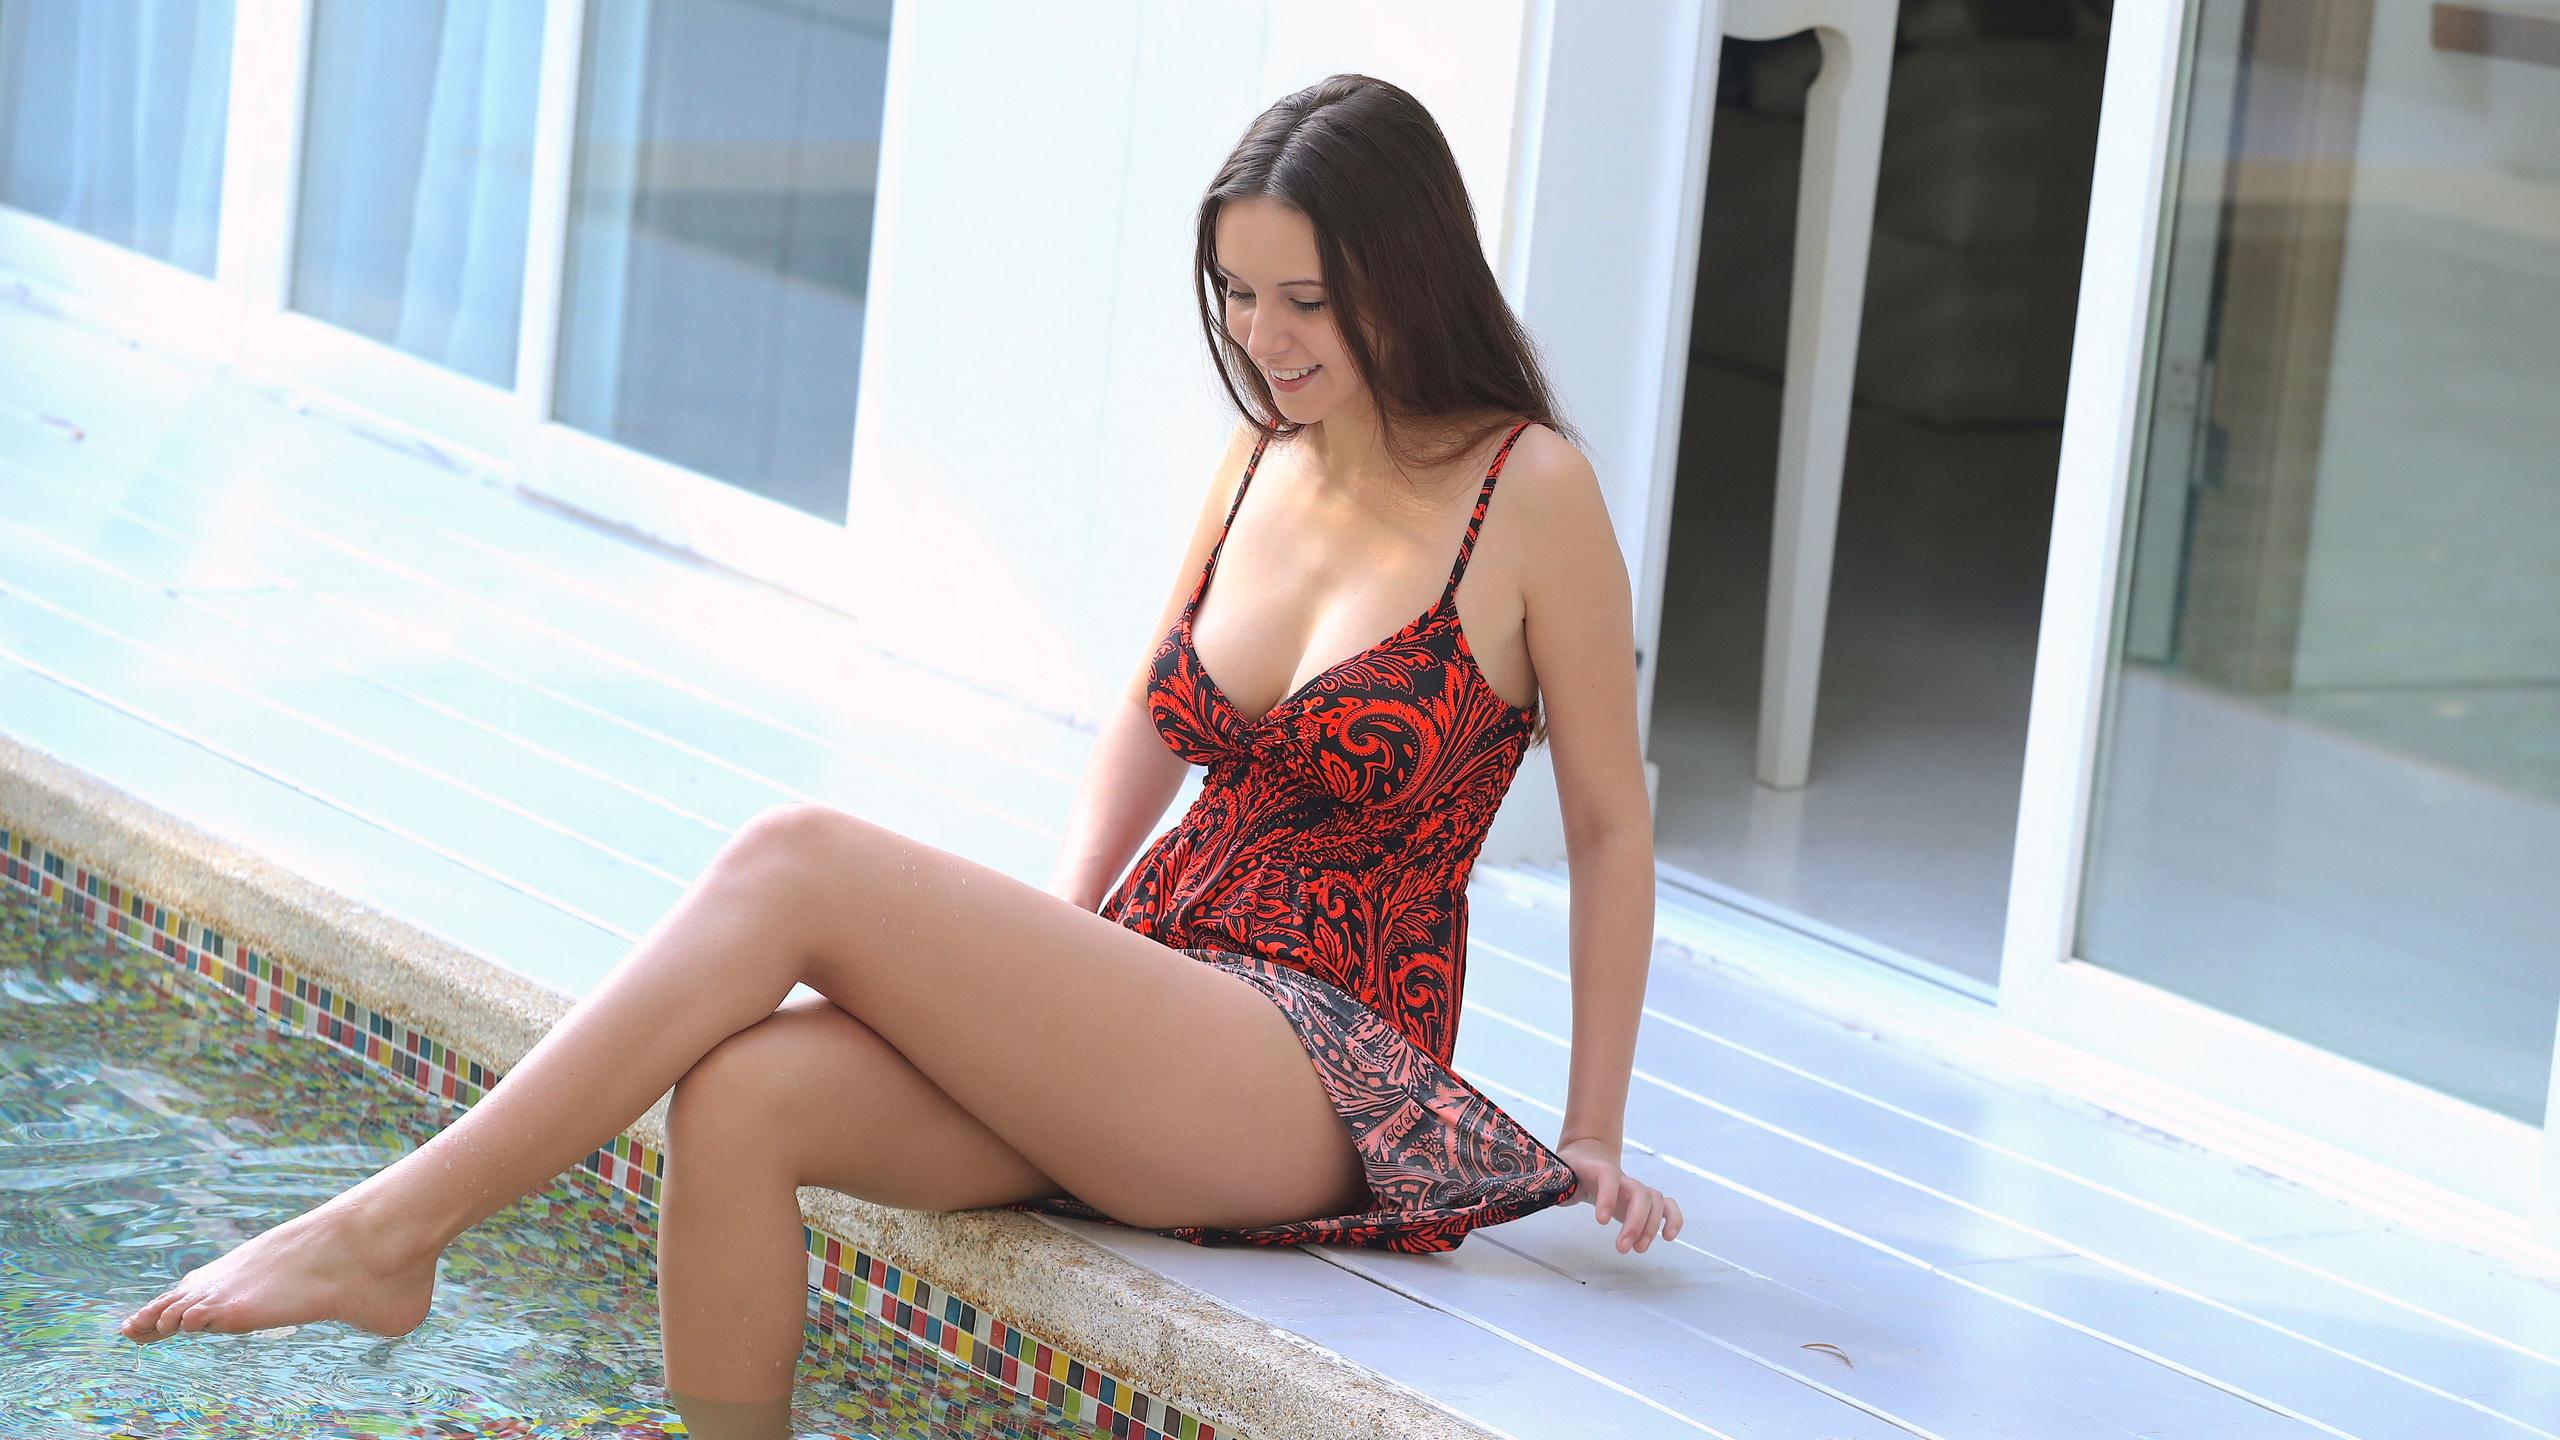 девушка, alisa i, alisa, jessica albanka, брюнетка, грудь, сарафан, платье, ножки, бассейн